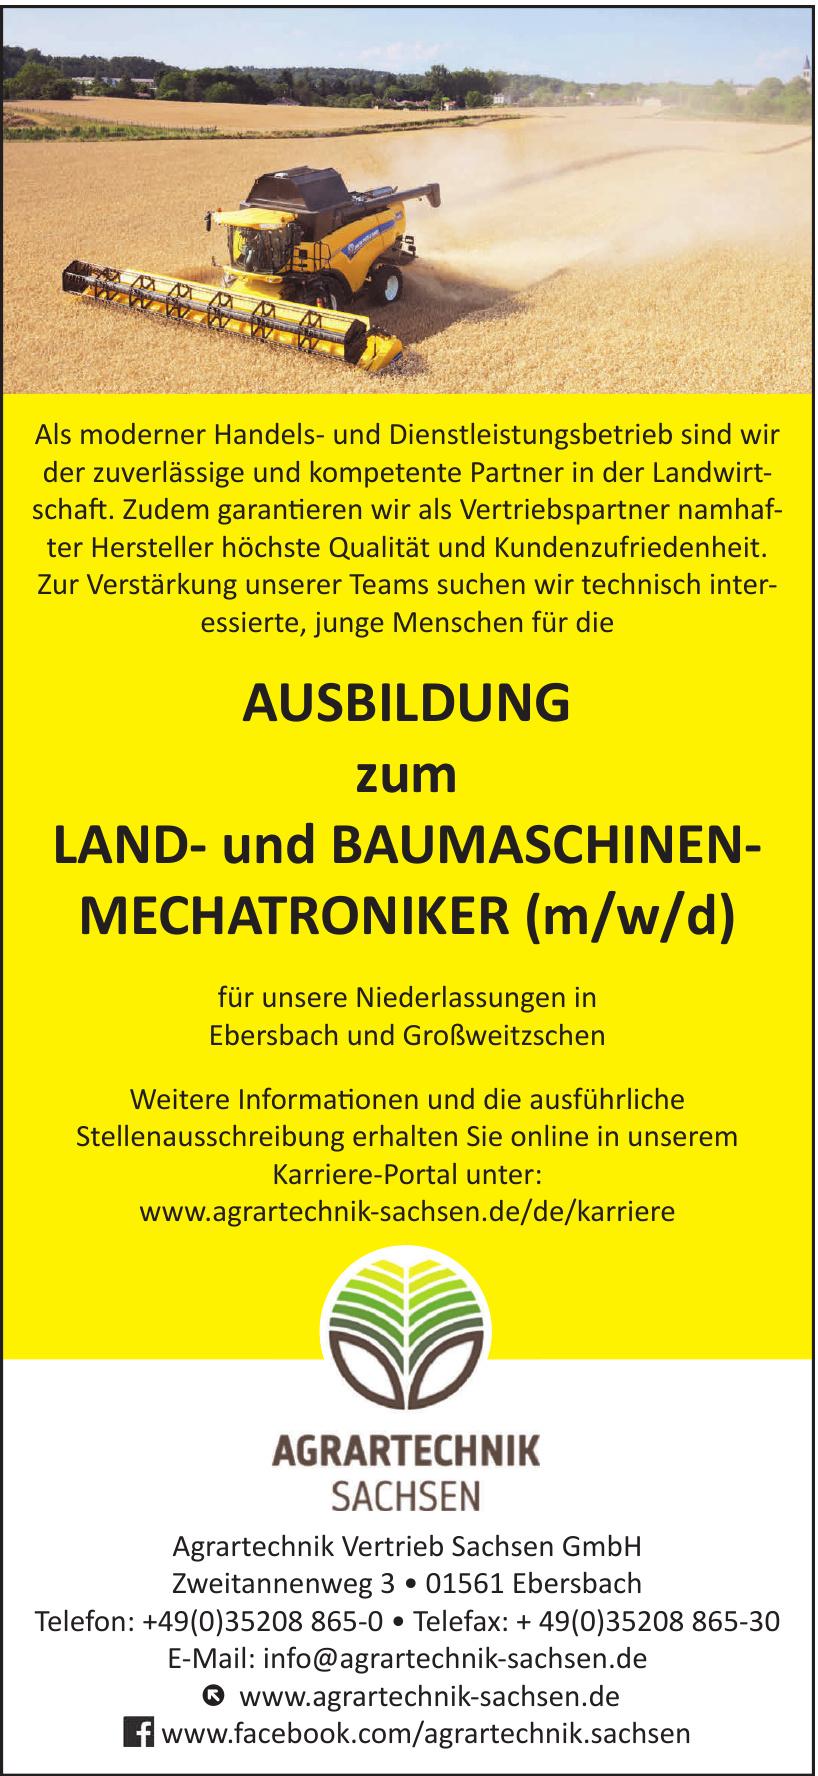 Agrartechnik Vertrieb Sachsen GmbH